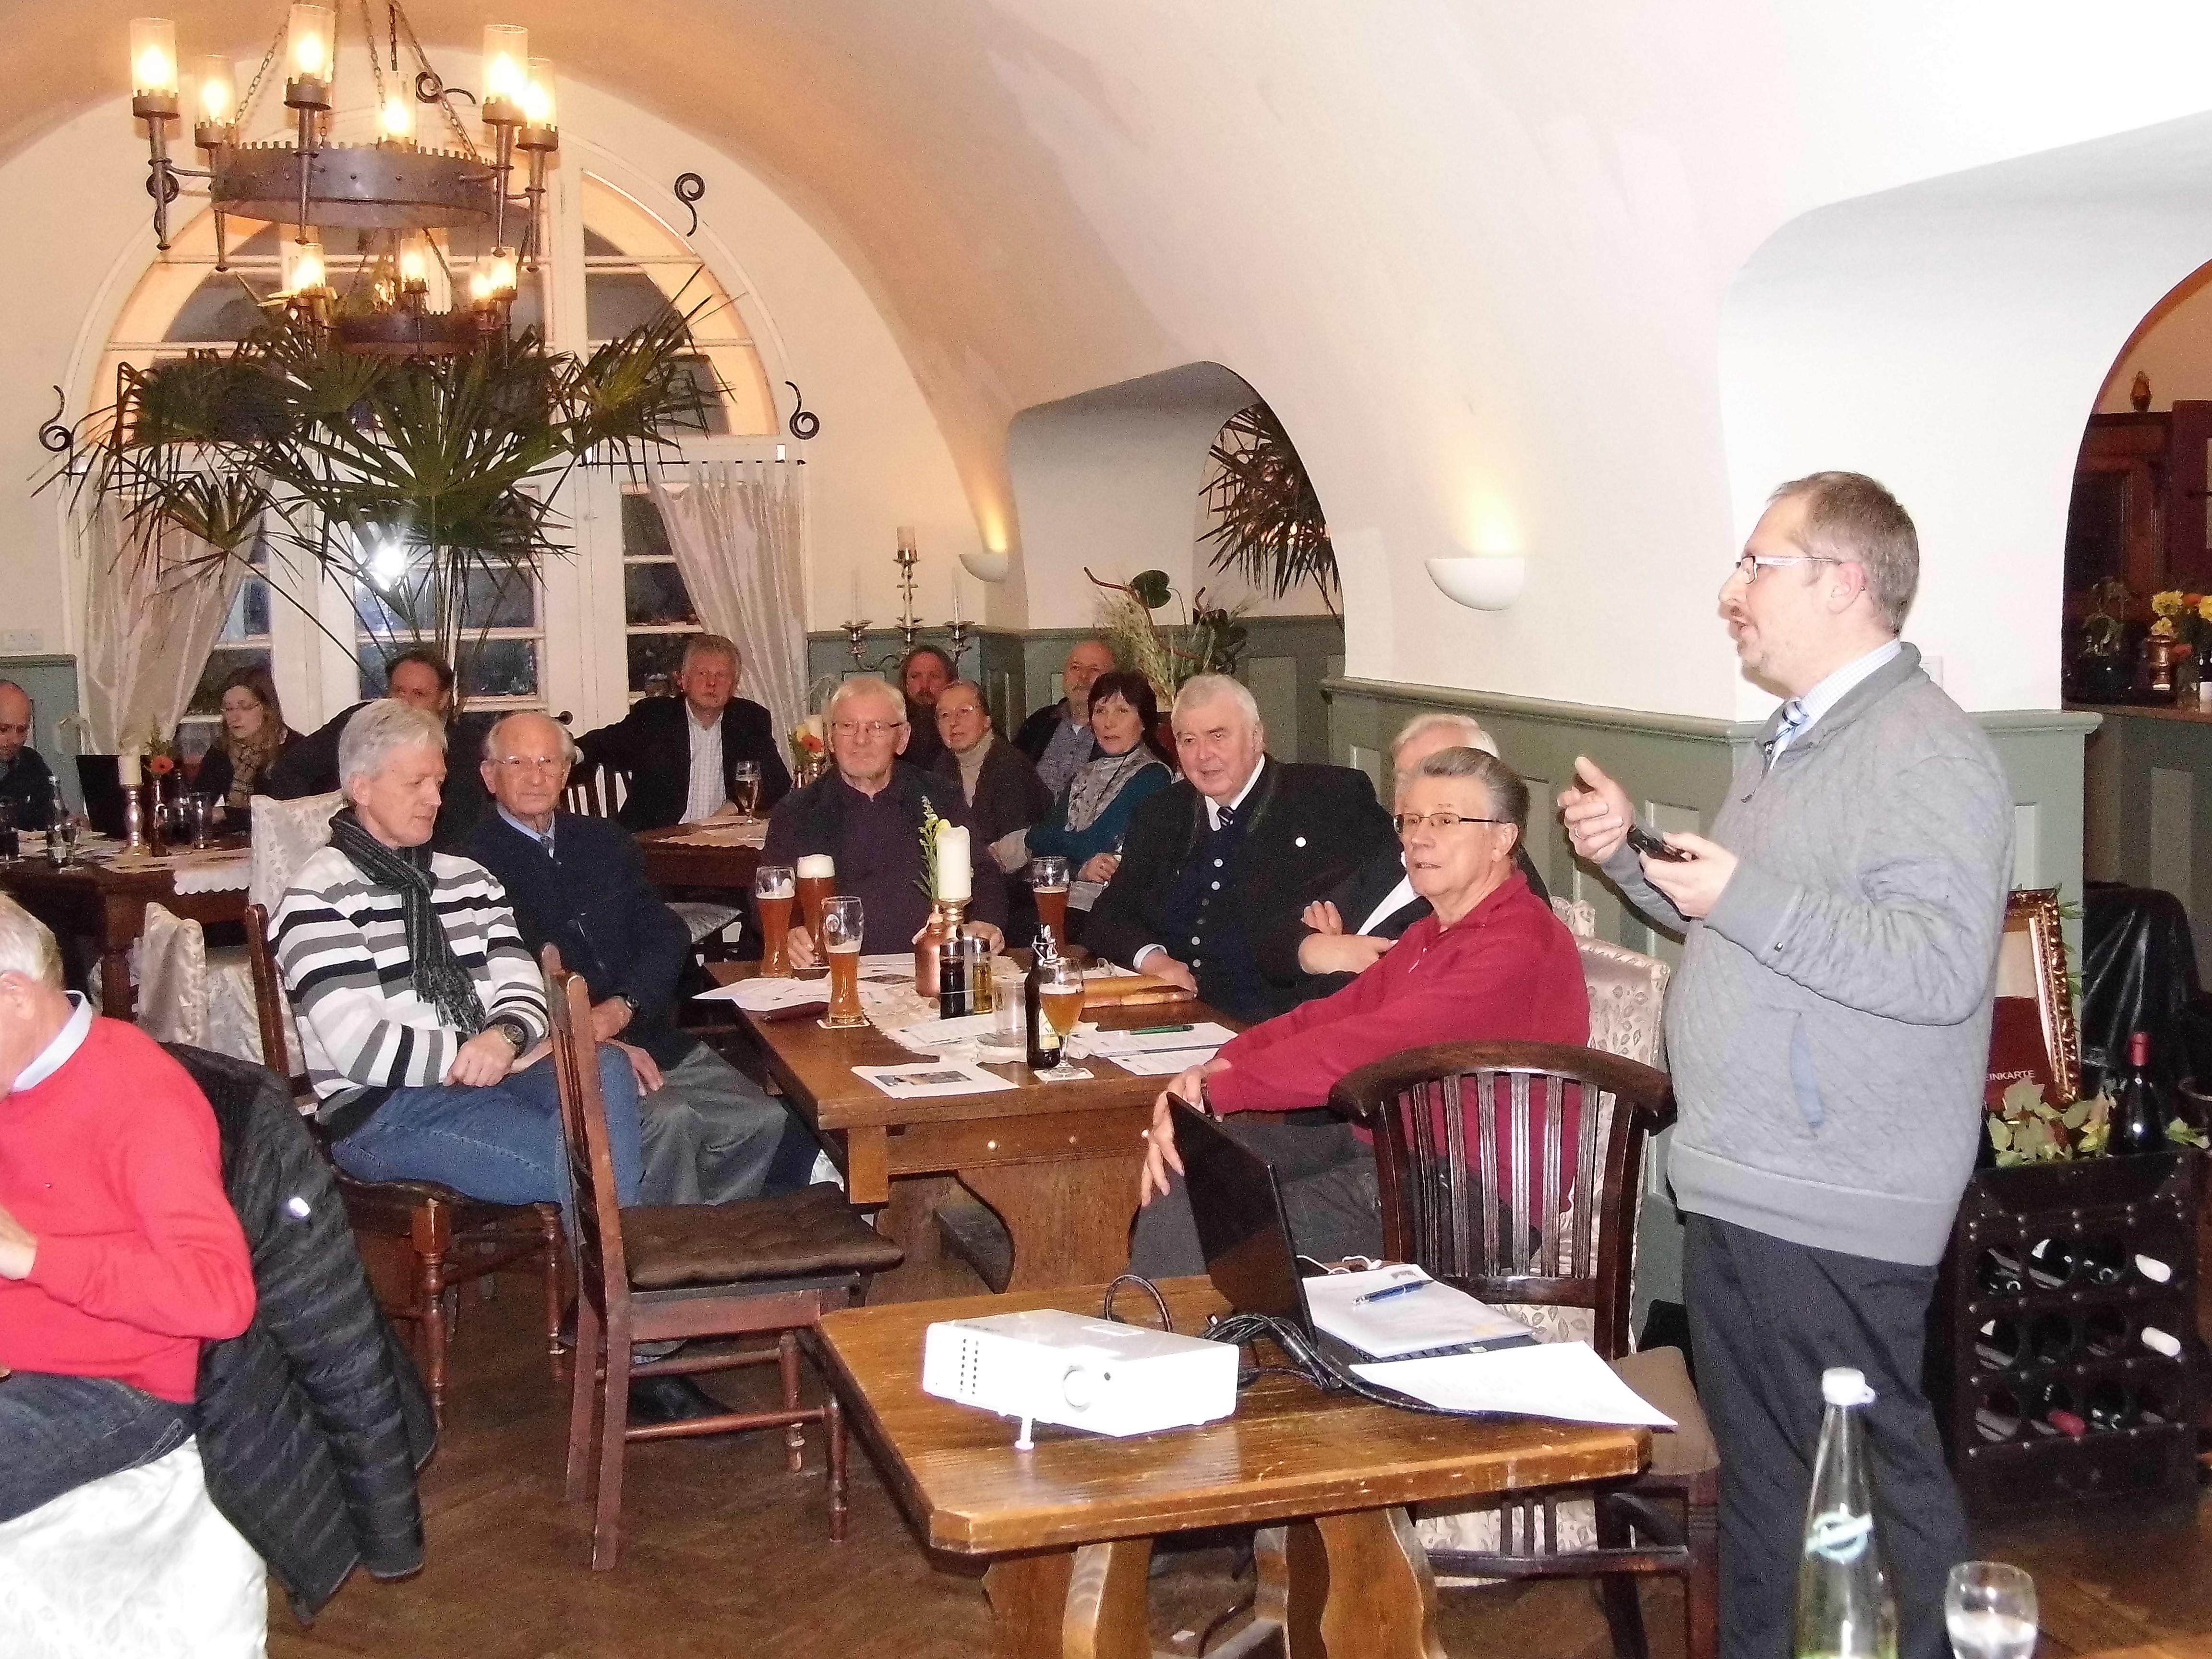 freunde-der-plassenburg.de » Viel Neues im alten Gewölbe